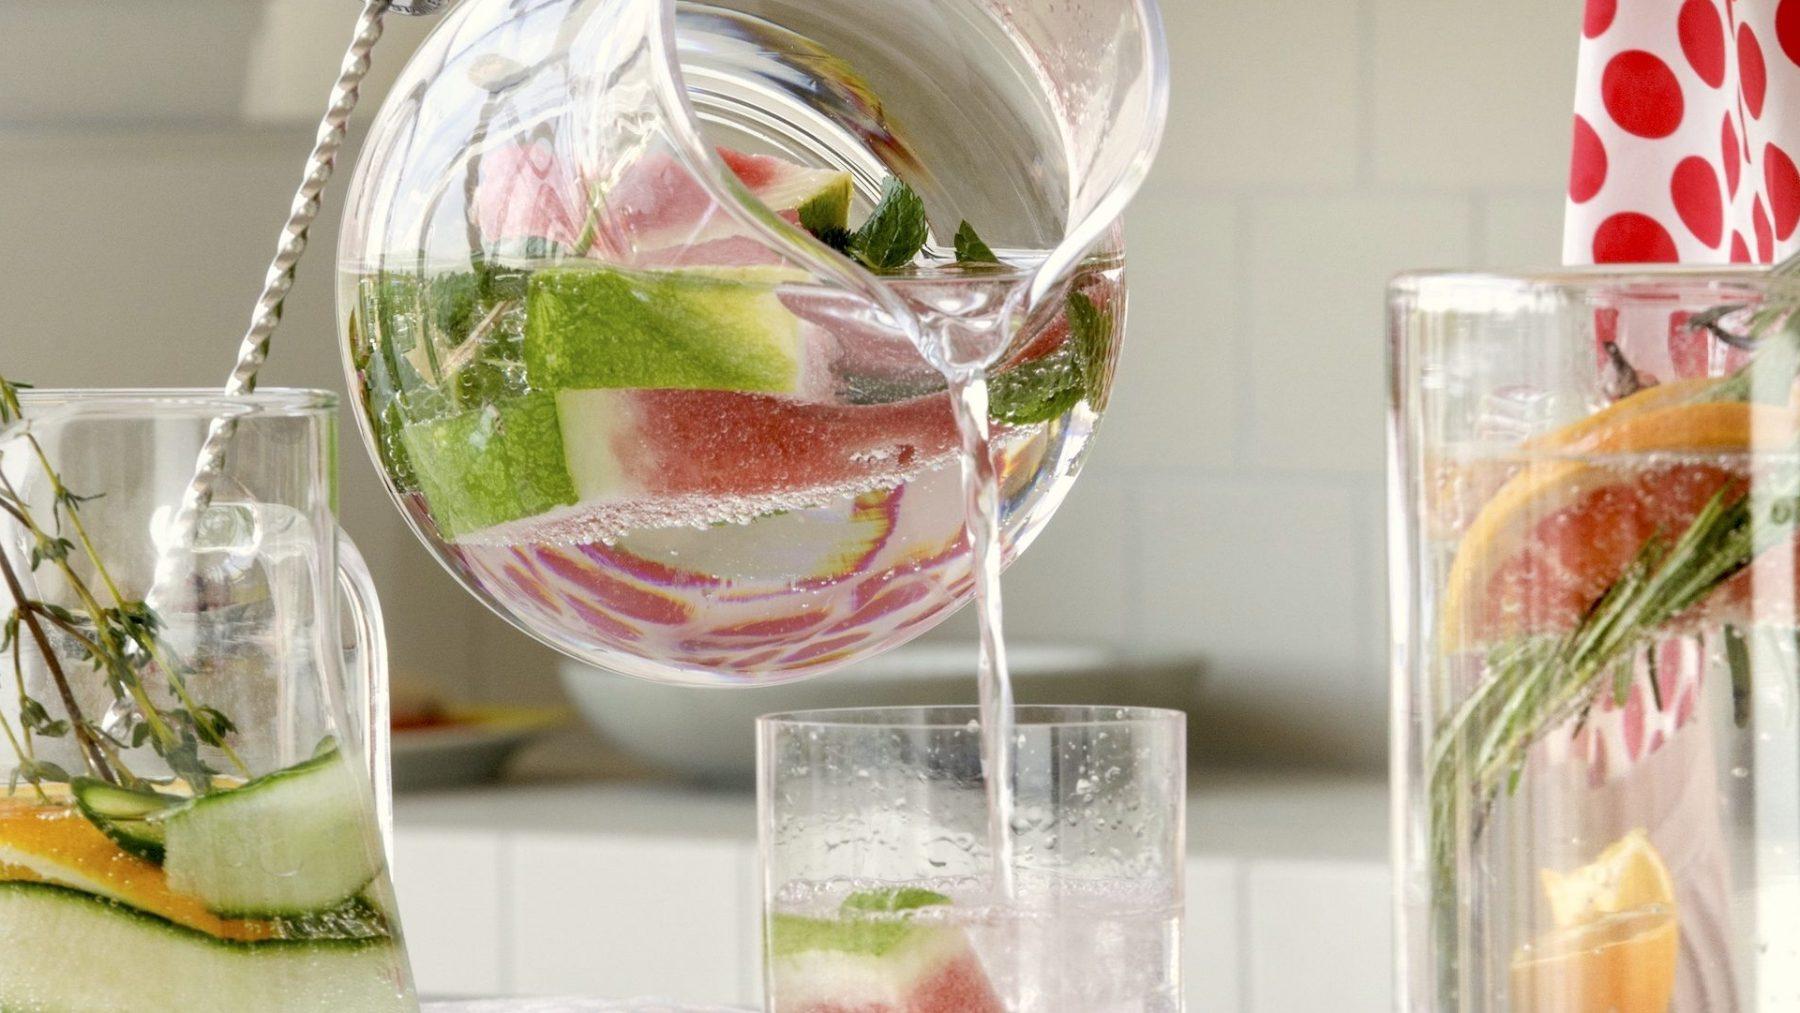 Recepten zodat je niet vergeet water te drinken